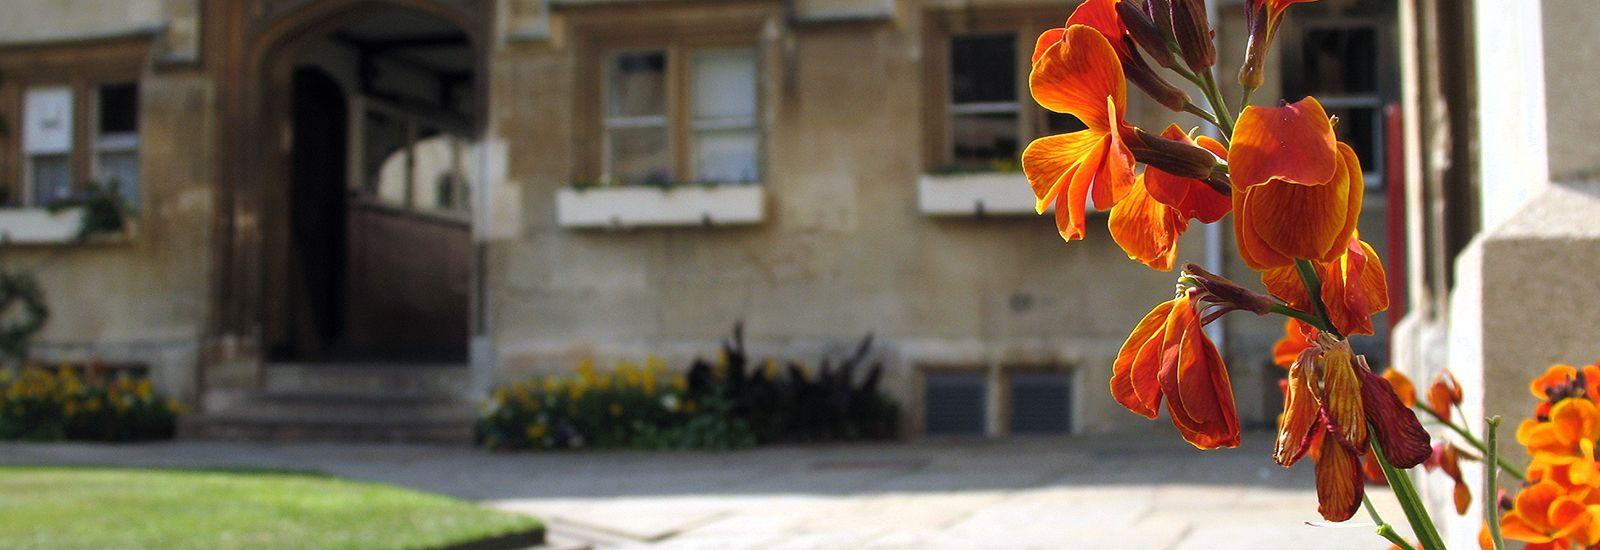 Close up of orange flowers in a quad